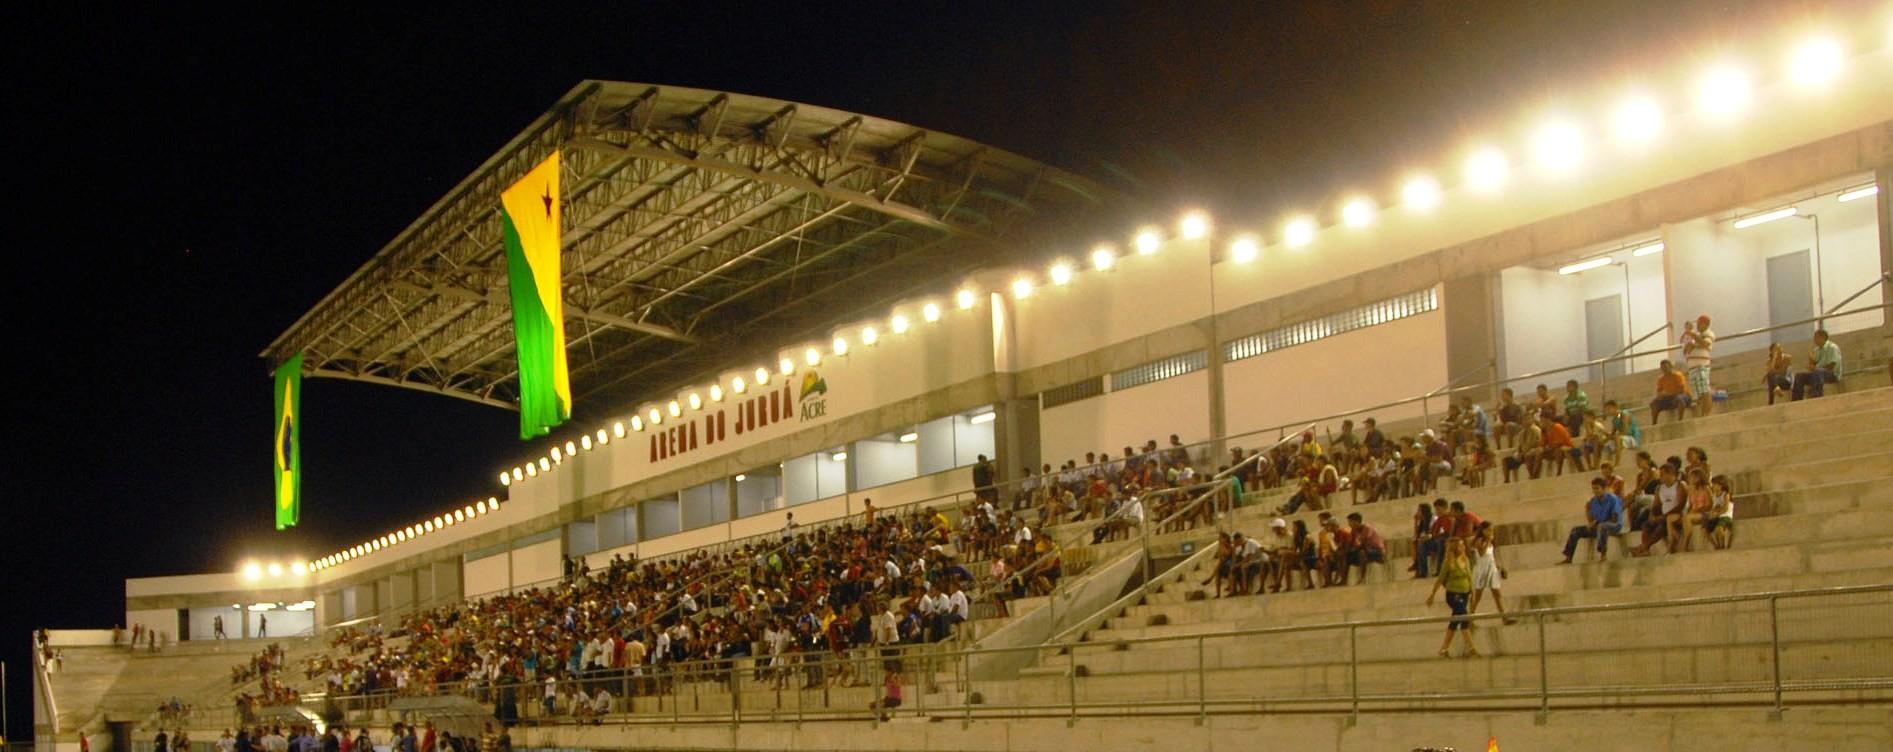 Arena do Juruá em Cruzeiro do Sul foi inaugurado parcialmente em 2010. Obra custou mais de R$ 18 milhões.  (Foto: Cedida)